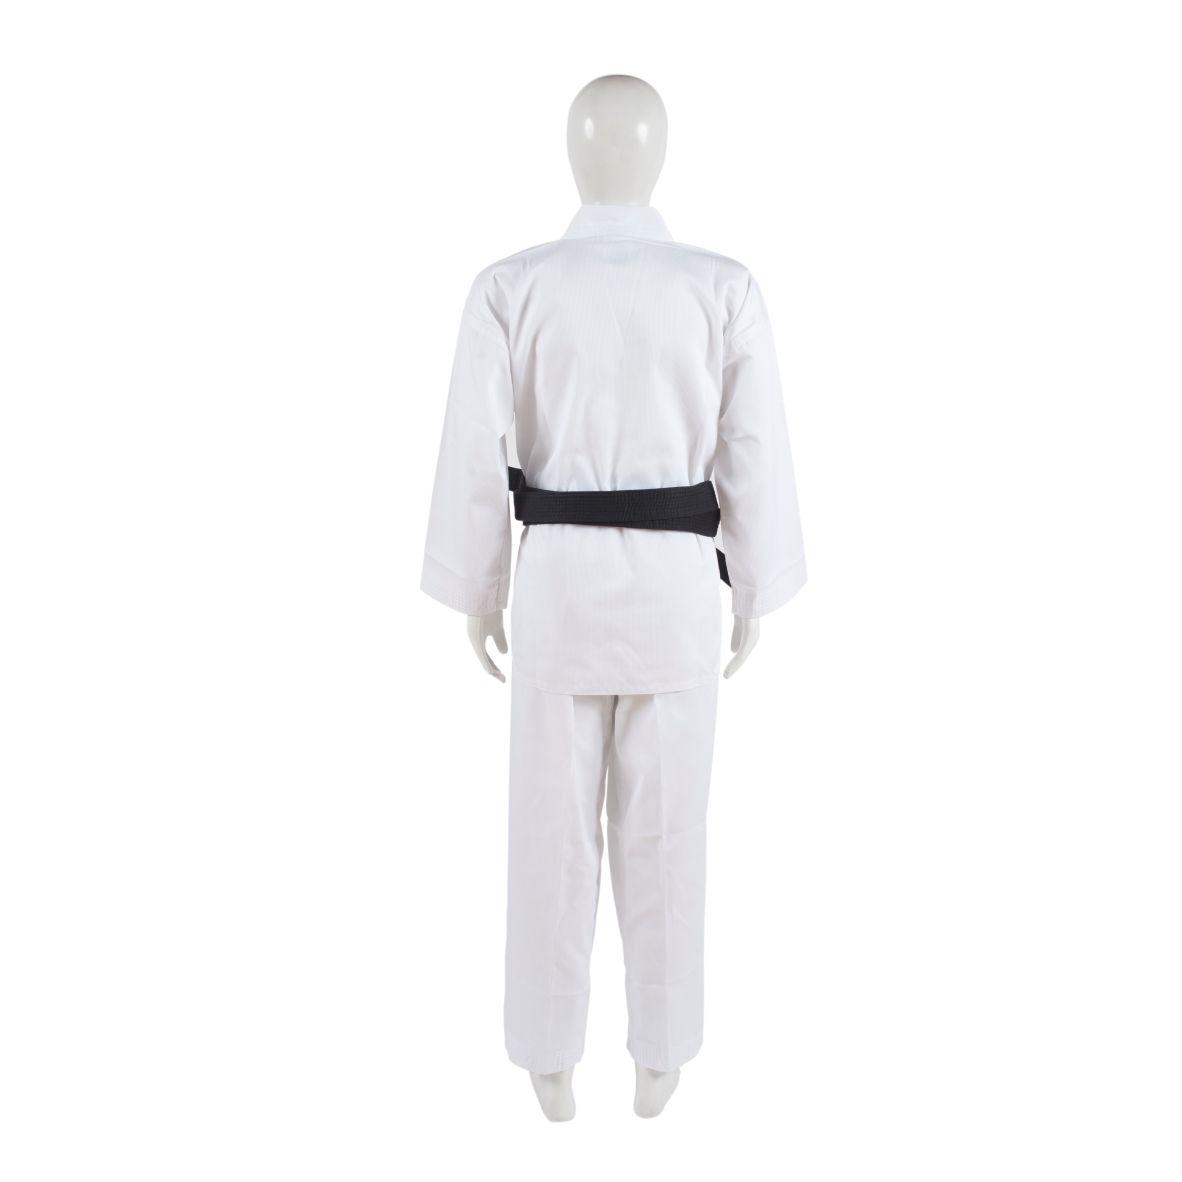 Dobok Adidas ADI START INFANTIL WTF (World Taekwondo Federation)